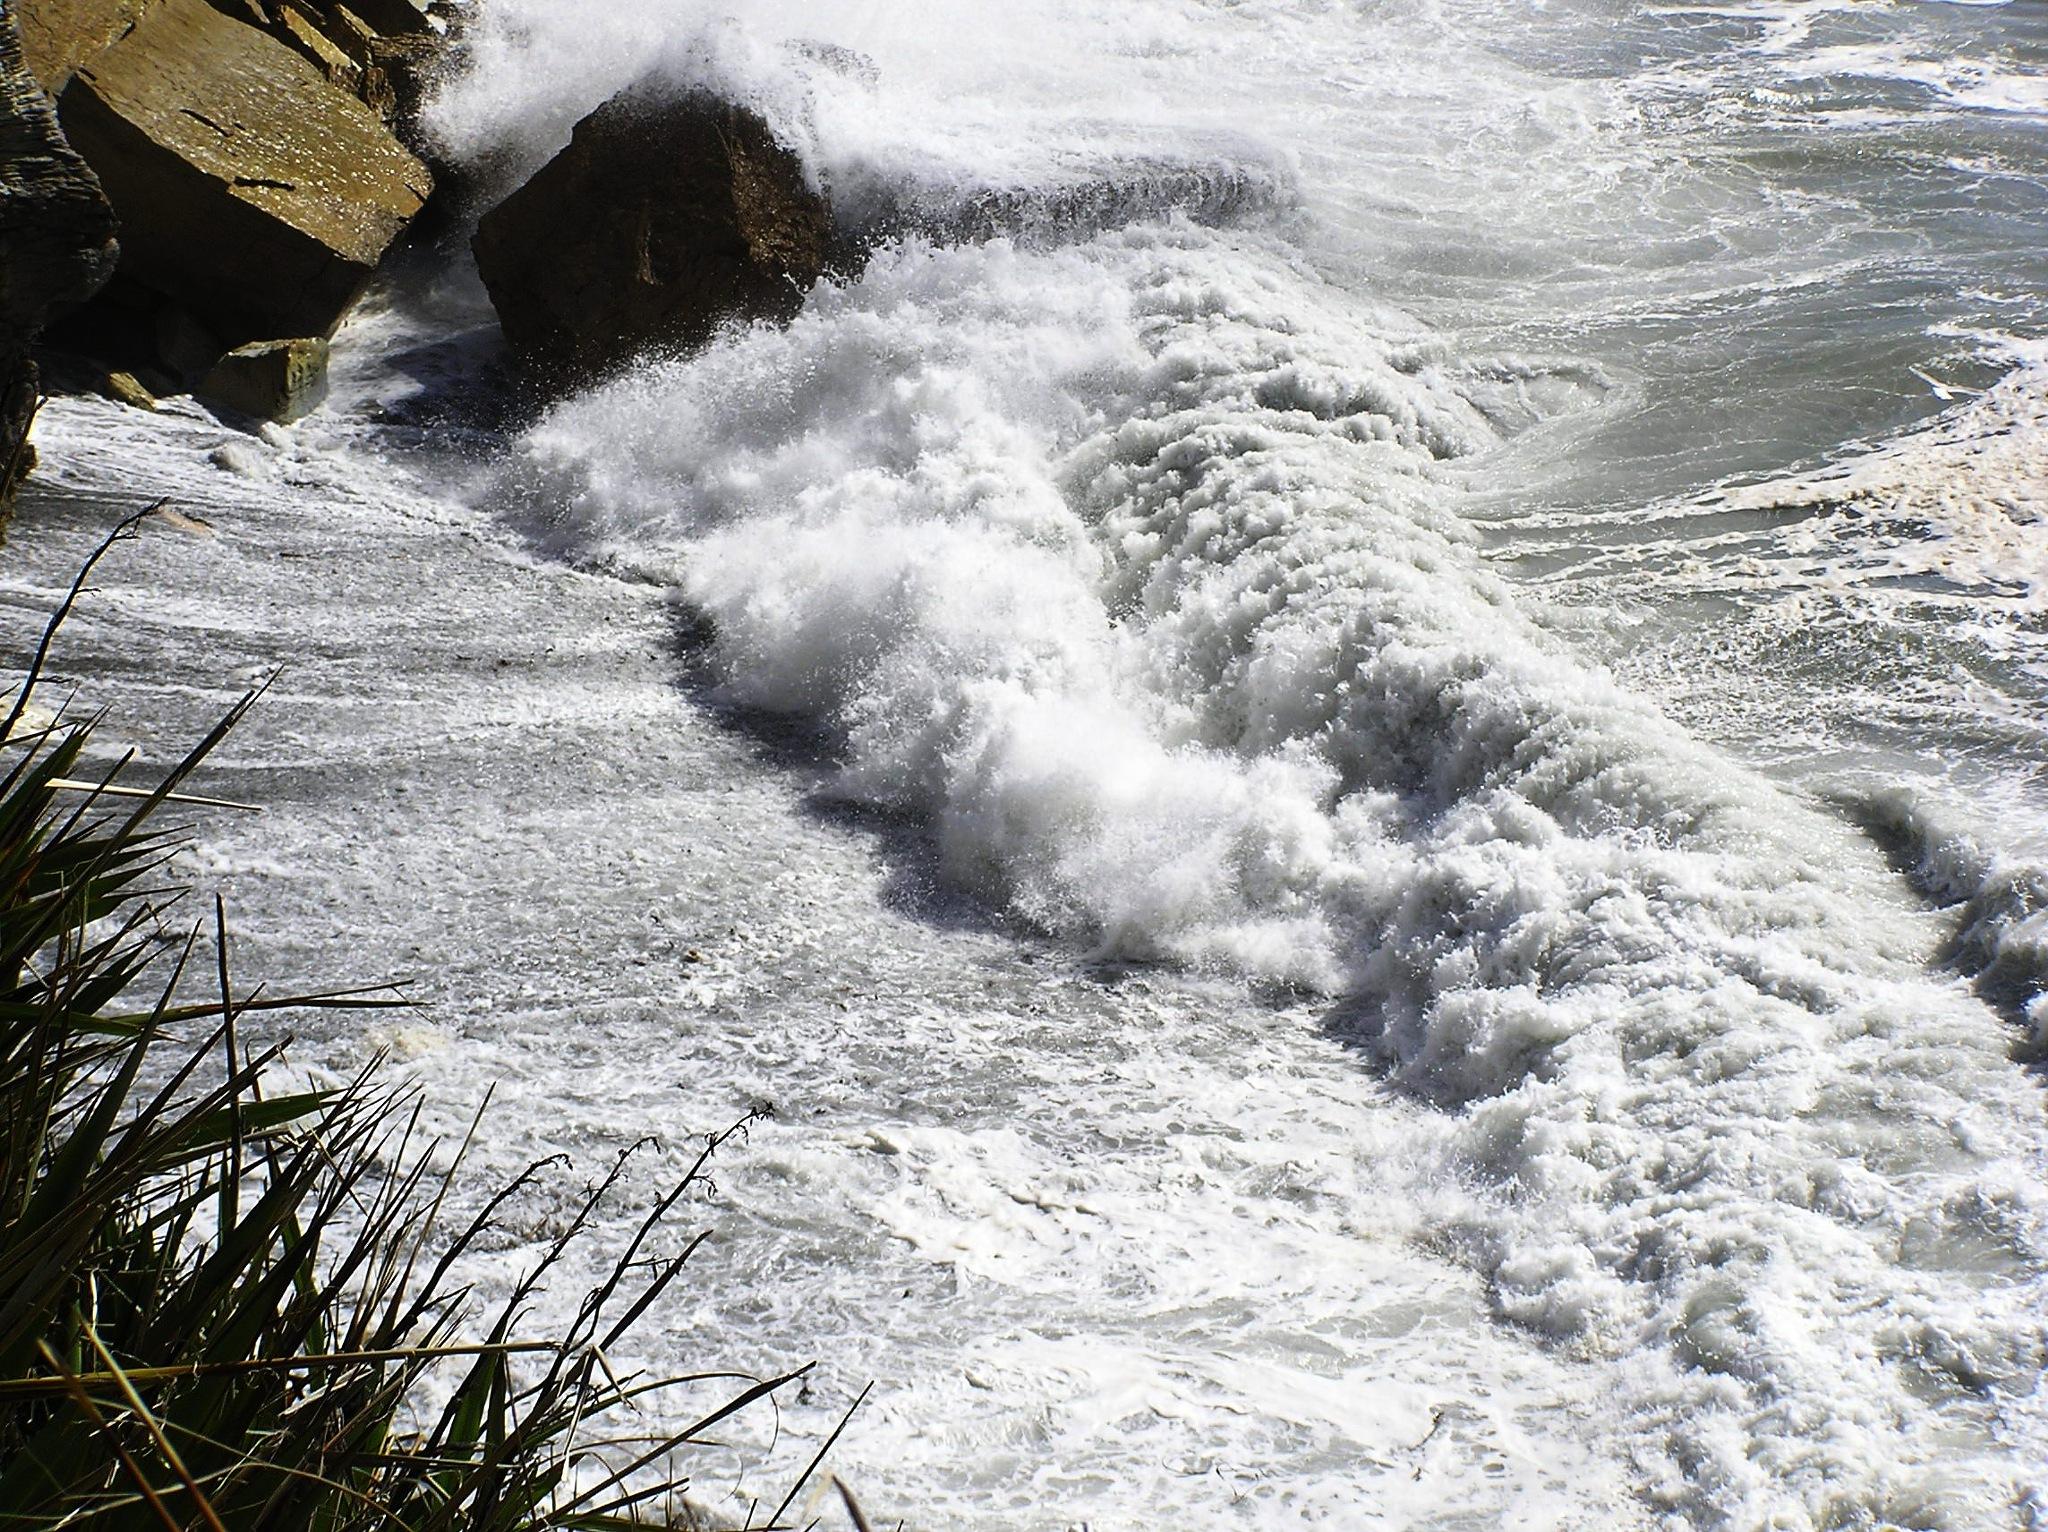 Waves at Punakaiki by Luigi Cappel